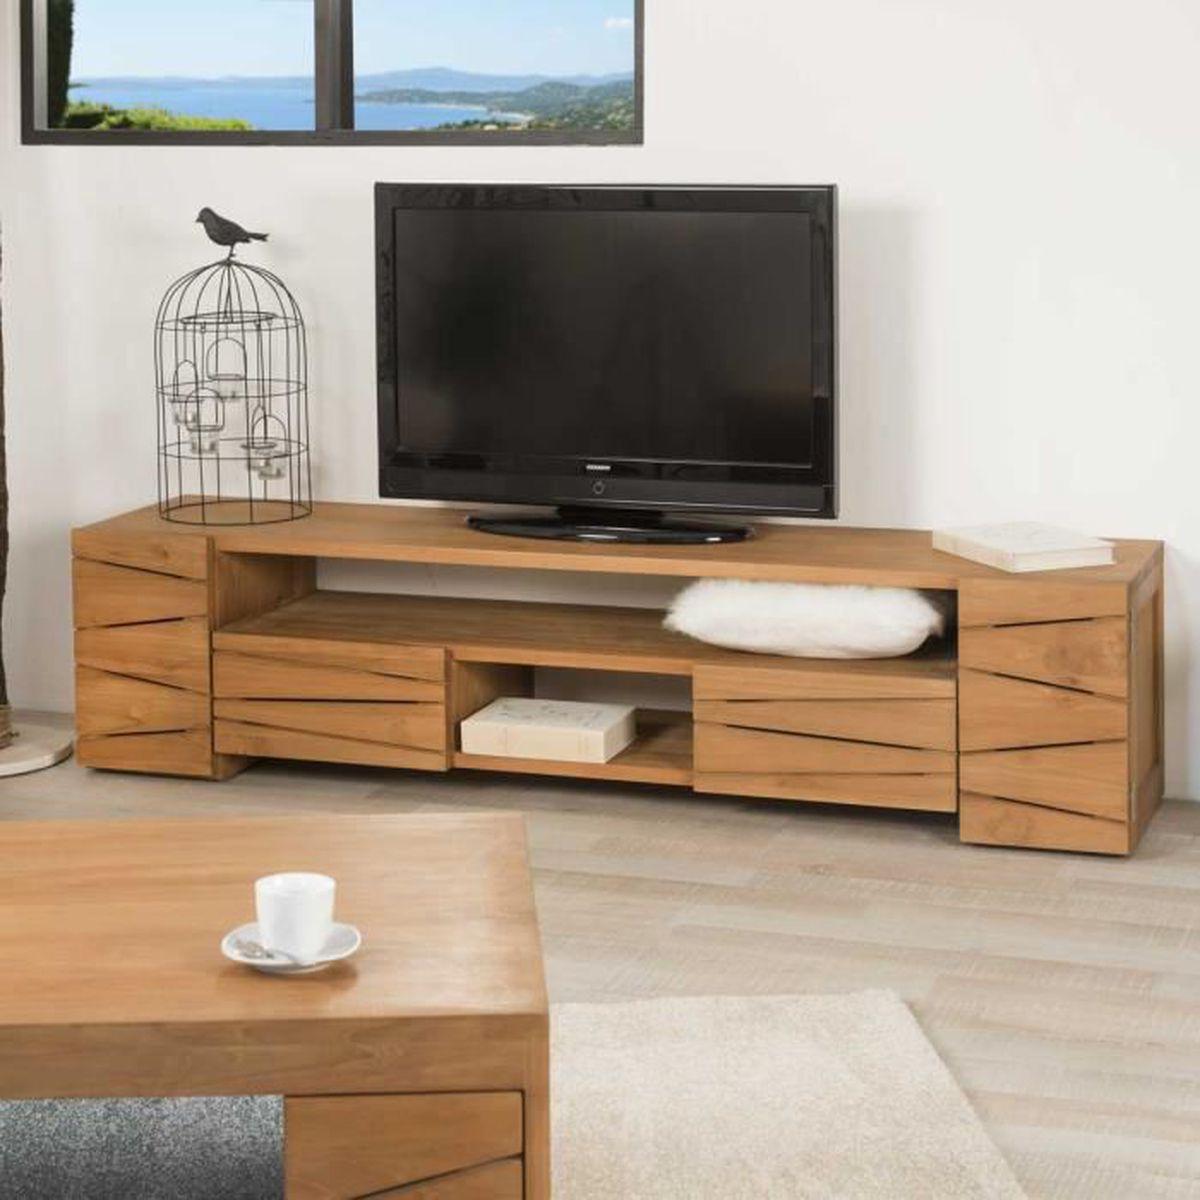 Meuble Tv Table Basse Assorti meuble tv en teck 170 sérénité - achat / vente meuble tv